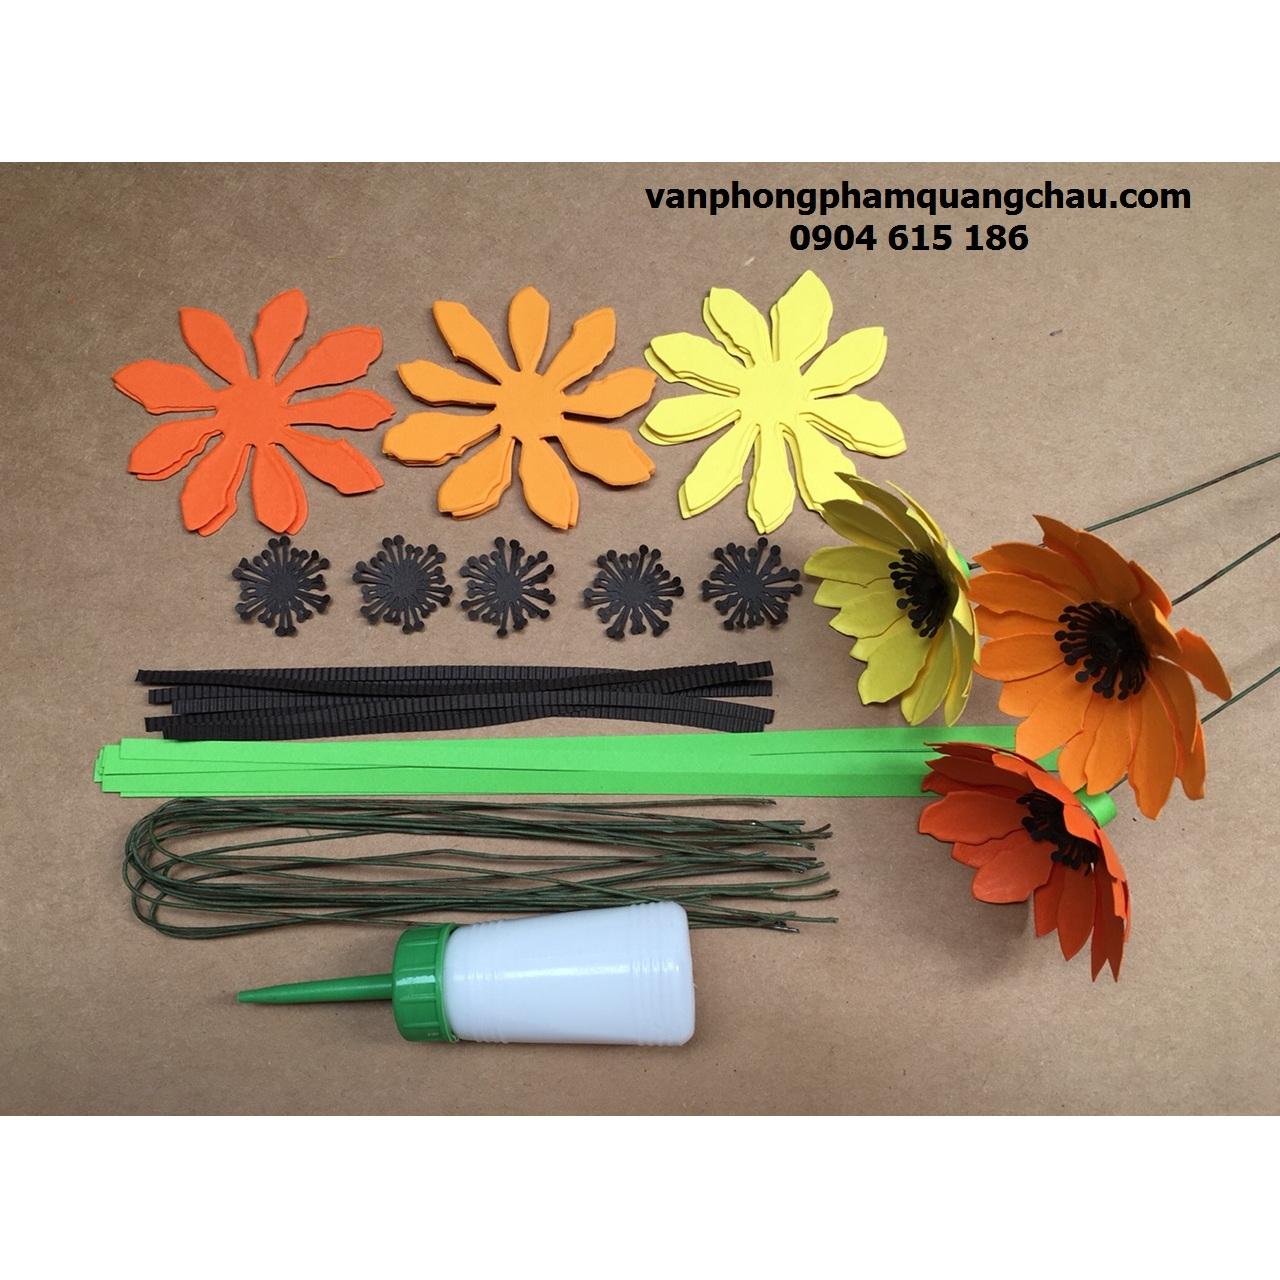 Set nguyên liệu làm hoa cúc 02 lớp 9cm (10 bông)_QC46